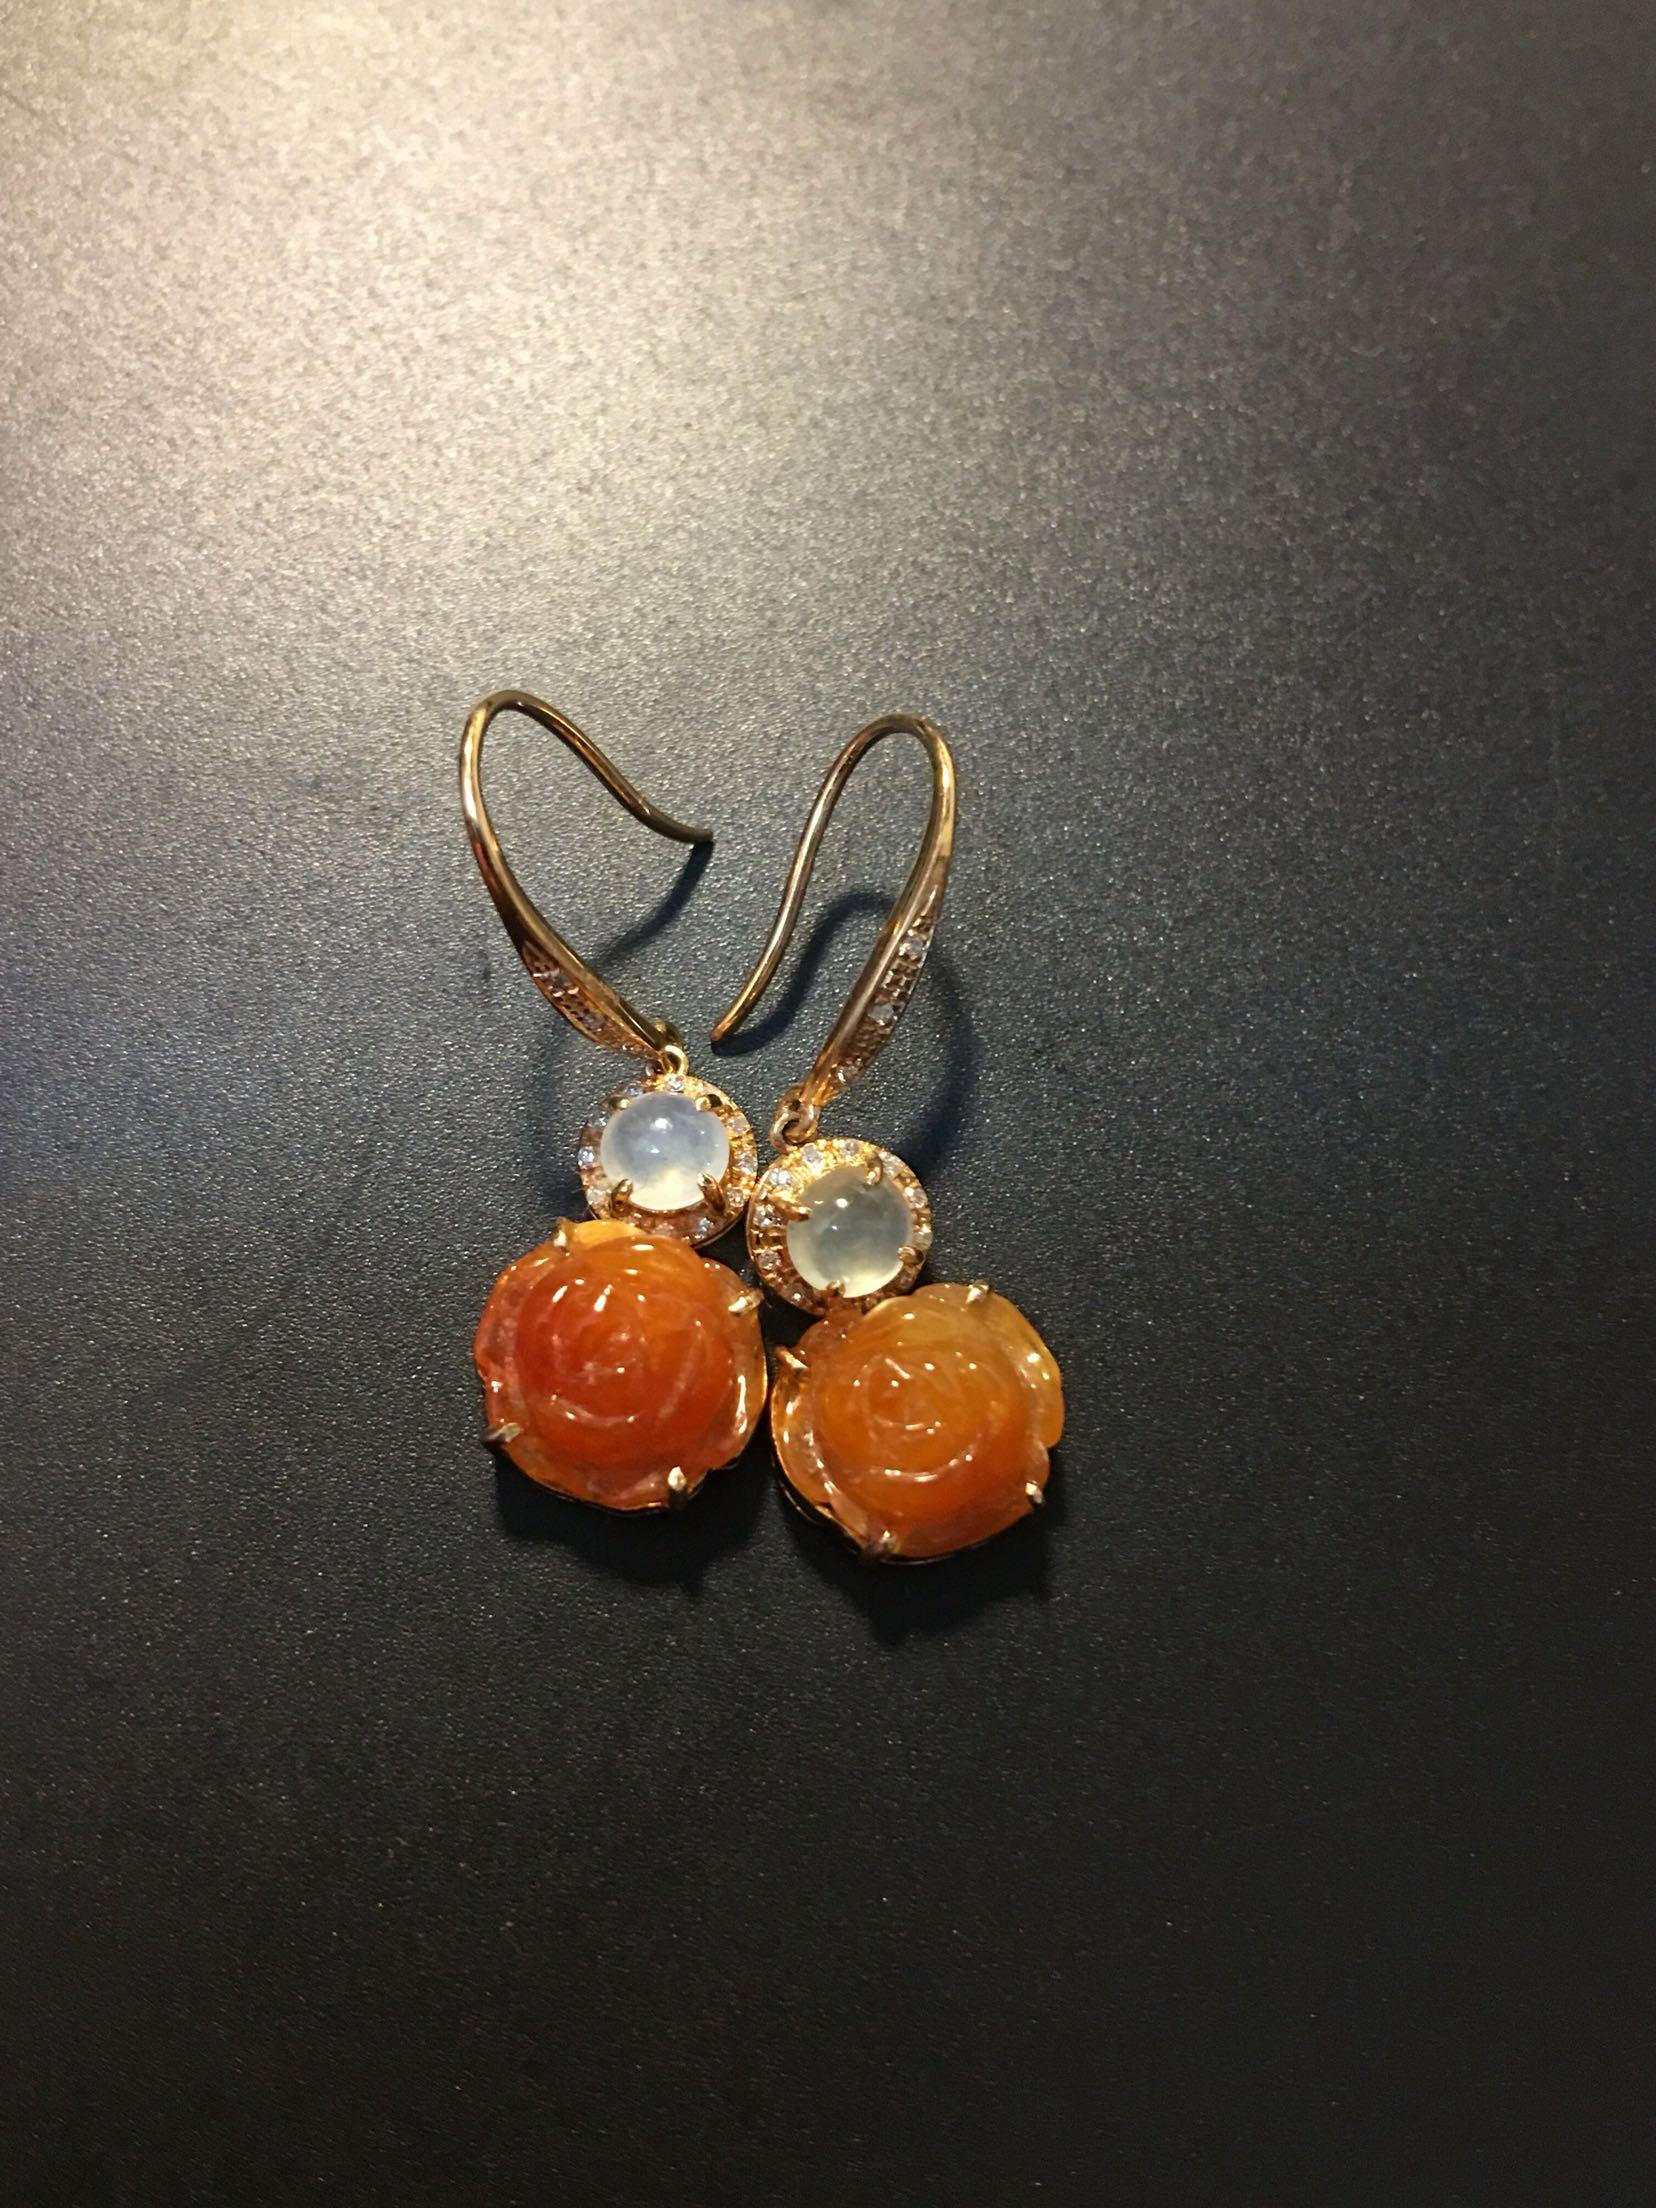 翡翠 耳环 镶嵌 蛋